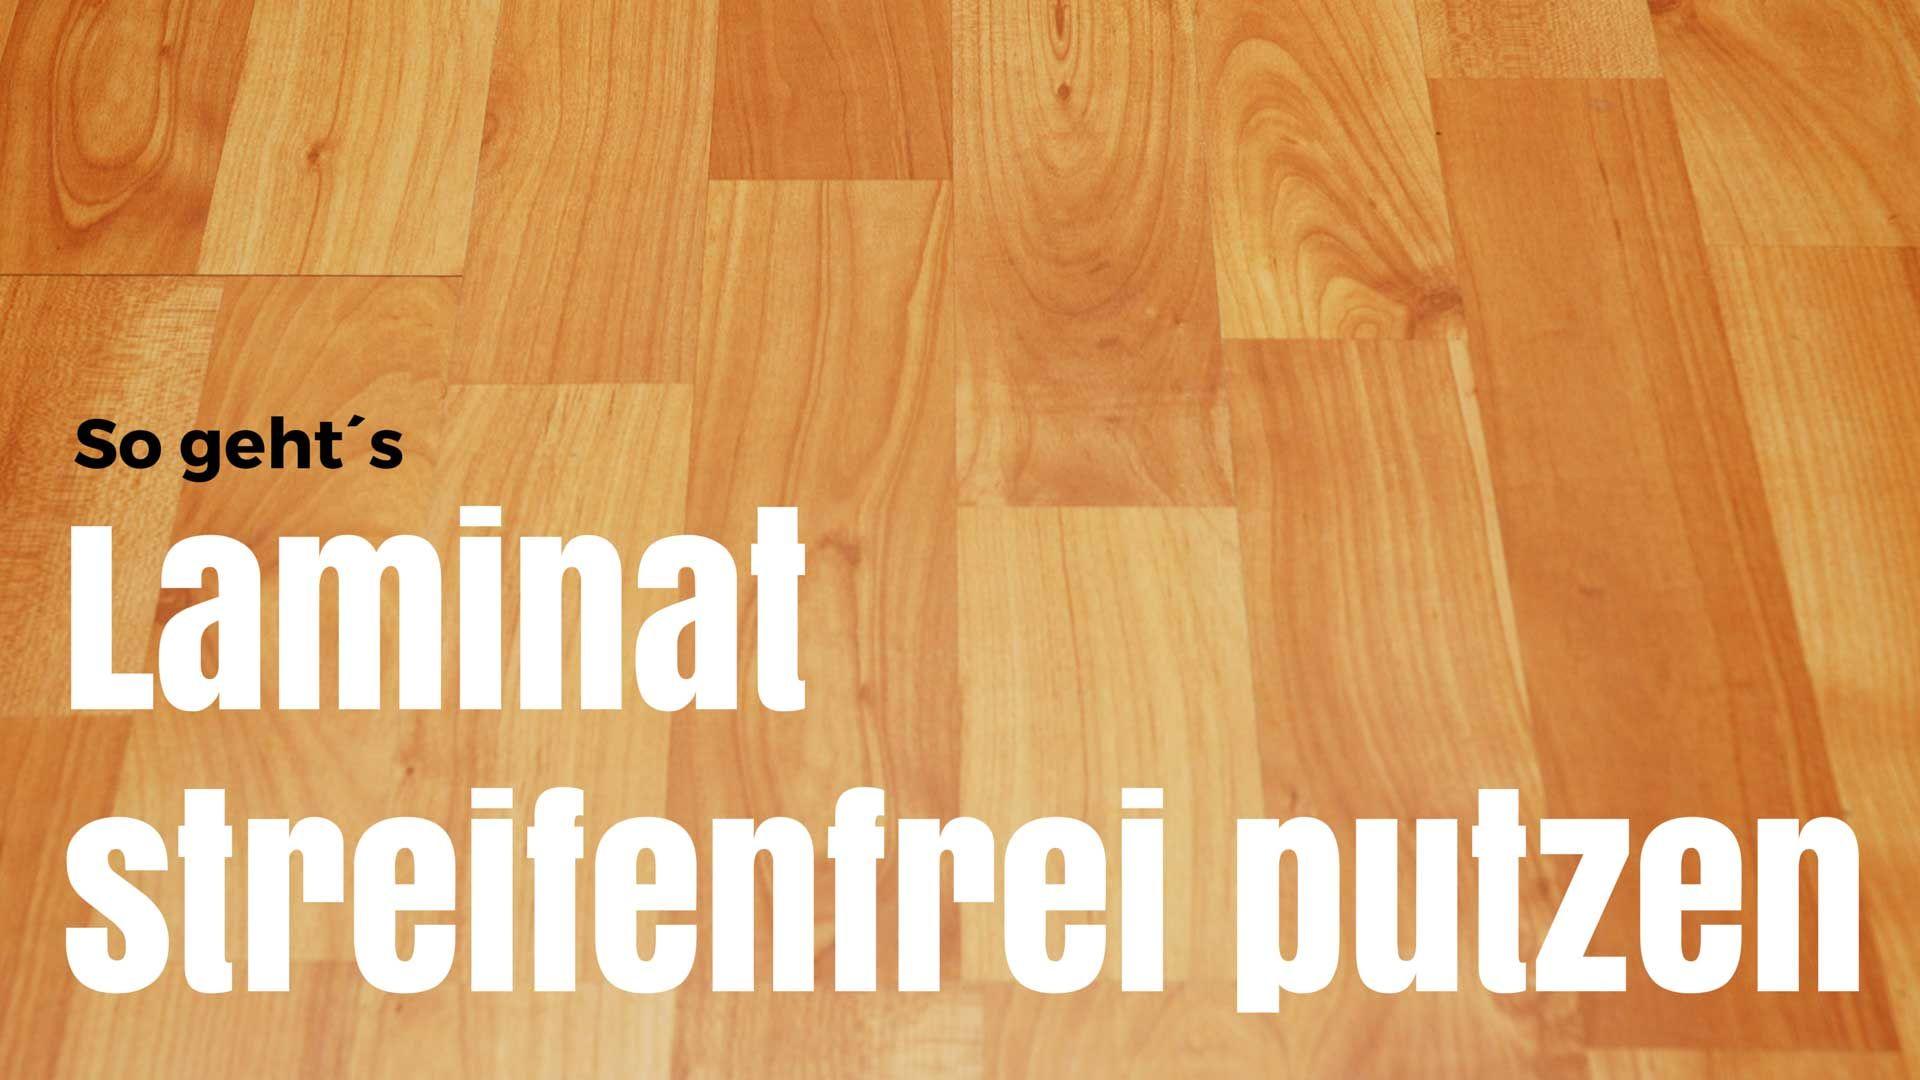 laminat streifenfrei wischen hilfreiche tipps haushalt putztipps pinterest laminat. Black Bedroom Furniture Sets. Home Design Ideas